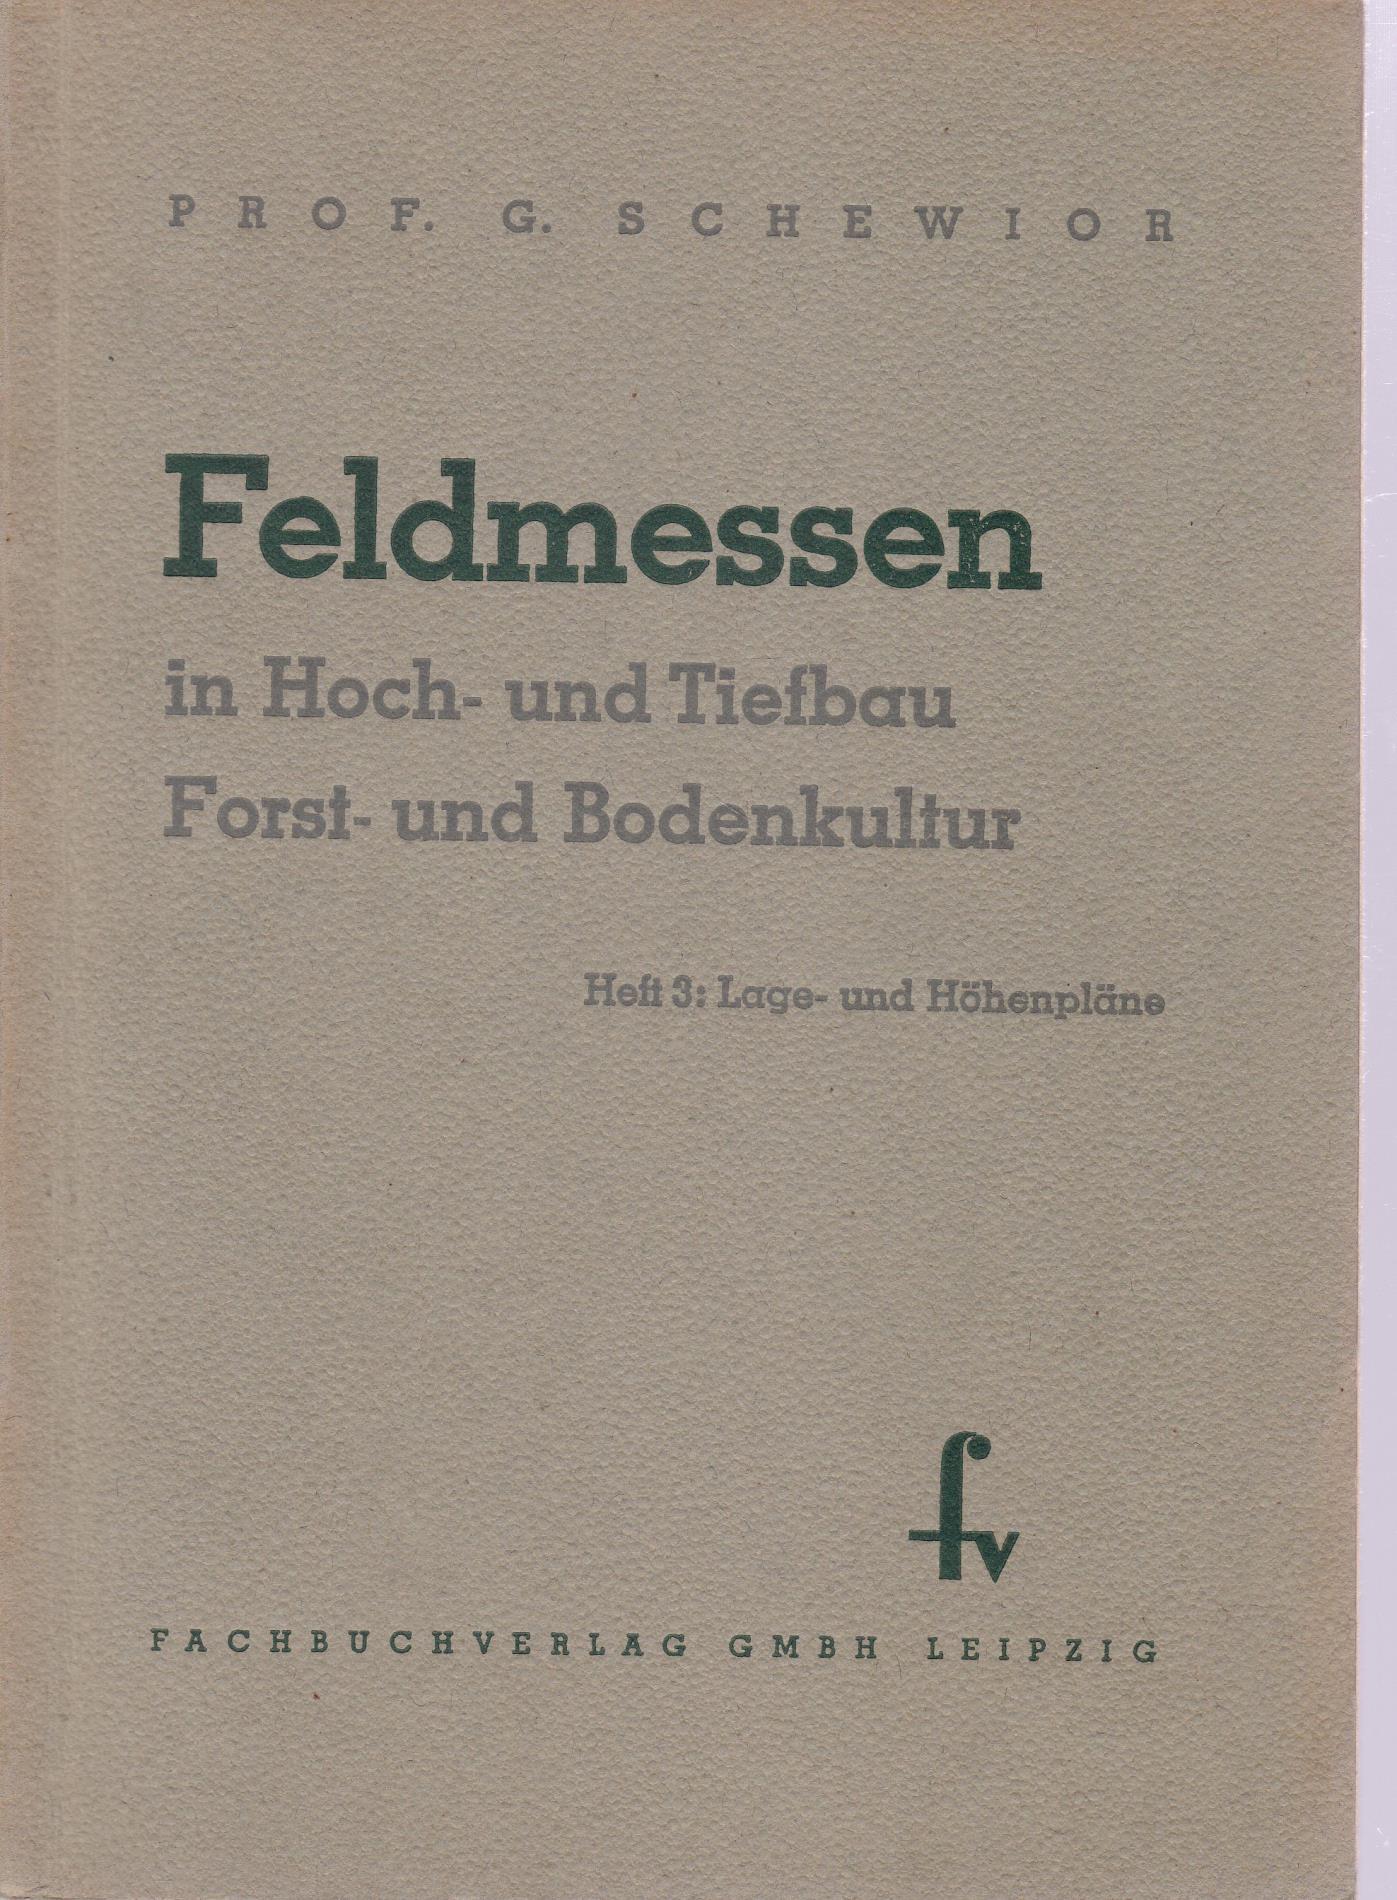 Feldmessen in Hoch- und Tiefbau, Forst- und Bodenkultur. HIER: Heft 3. Lage- und Höhenpläne